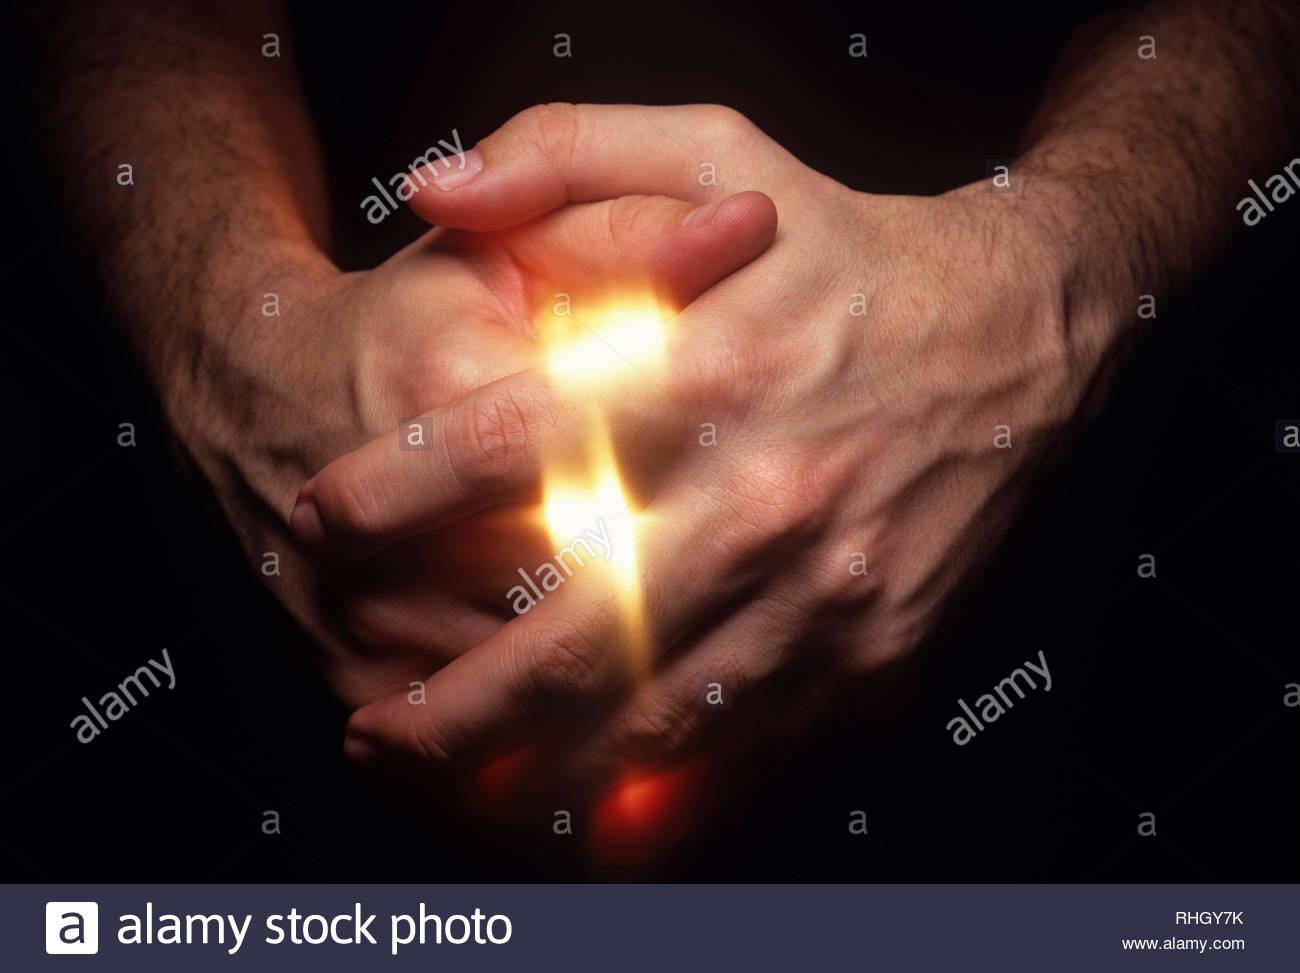 Hände Erfassen von Licht als wenn ätherische Energie versucht zu entkommen Stockbild